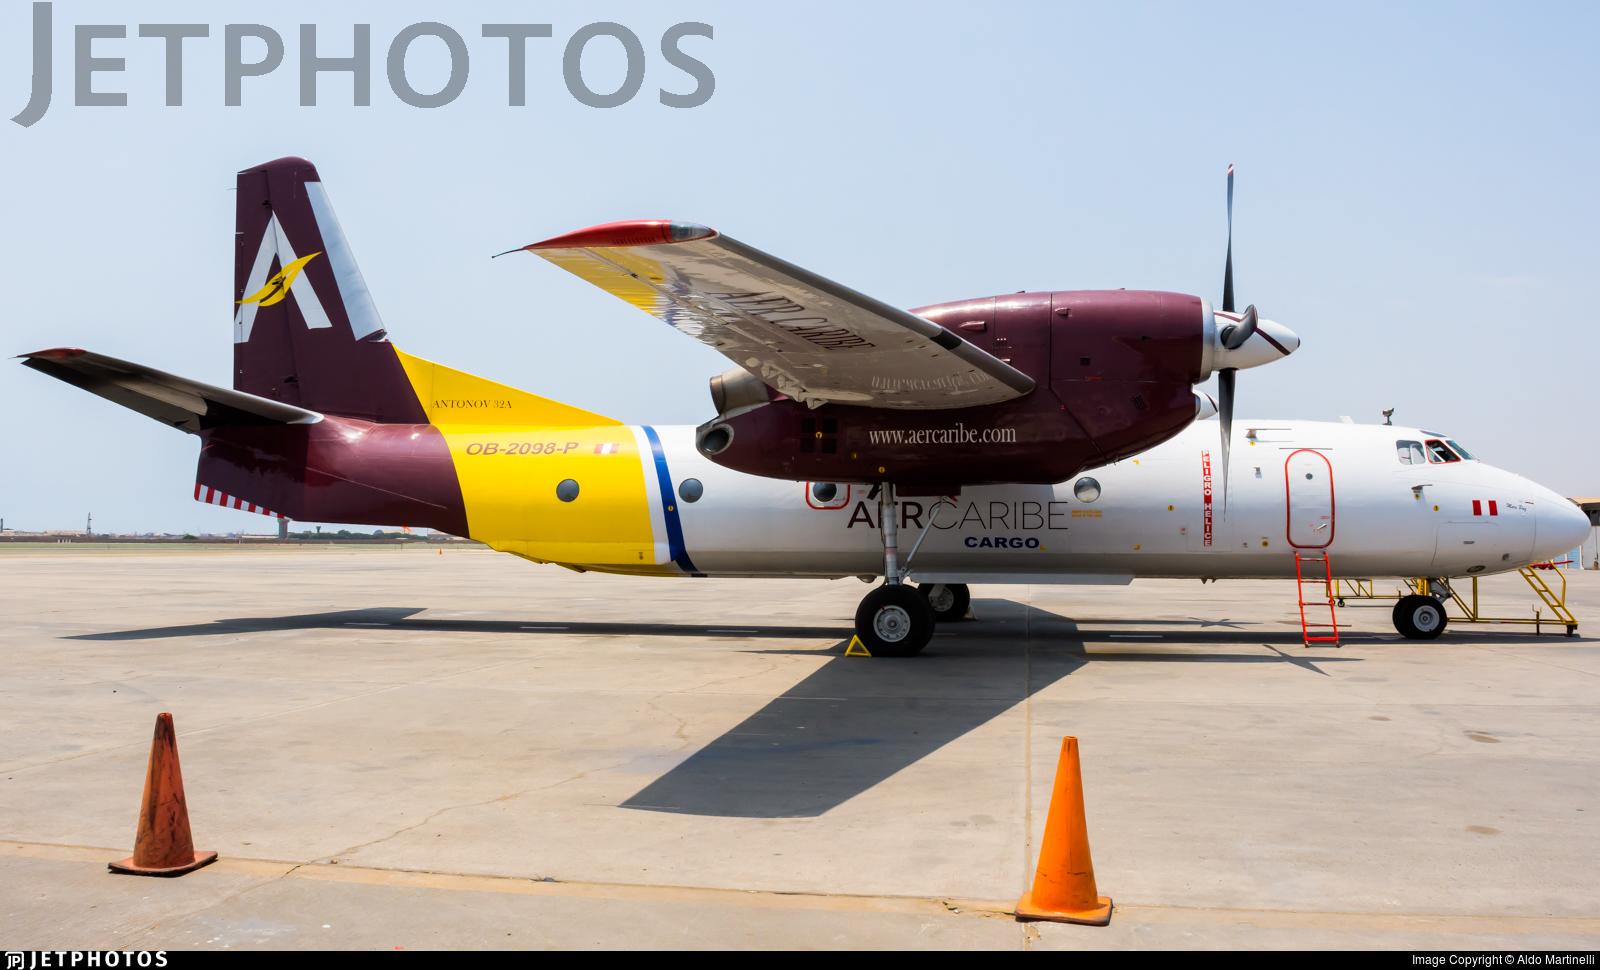 OB-2098-P - Antonov An-32 - Aer Caribe